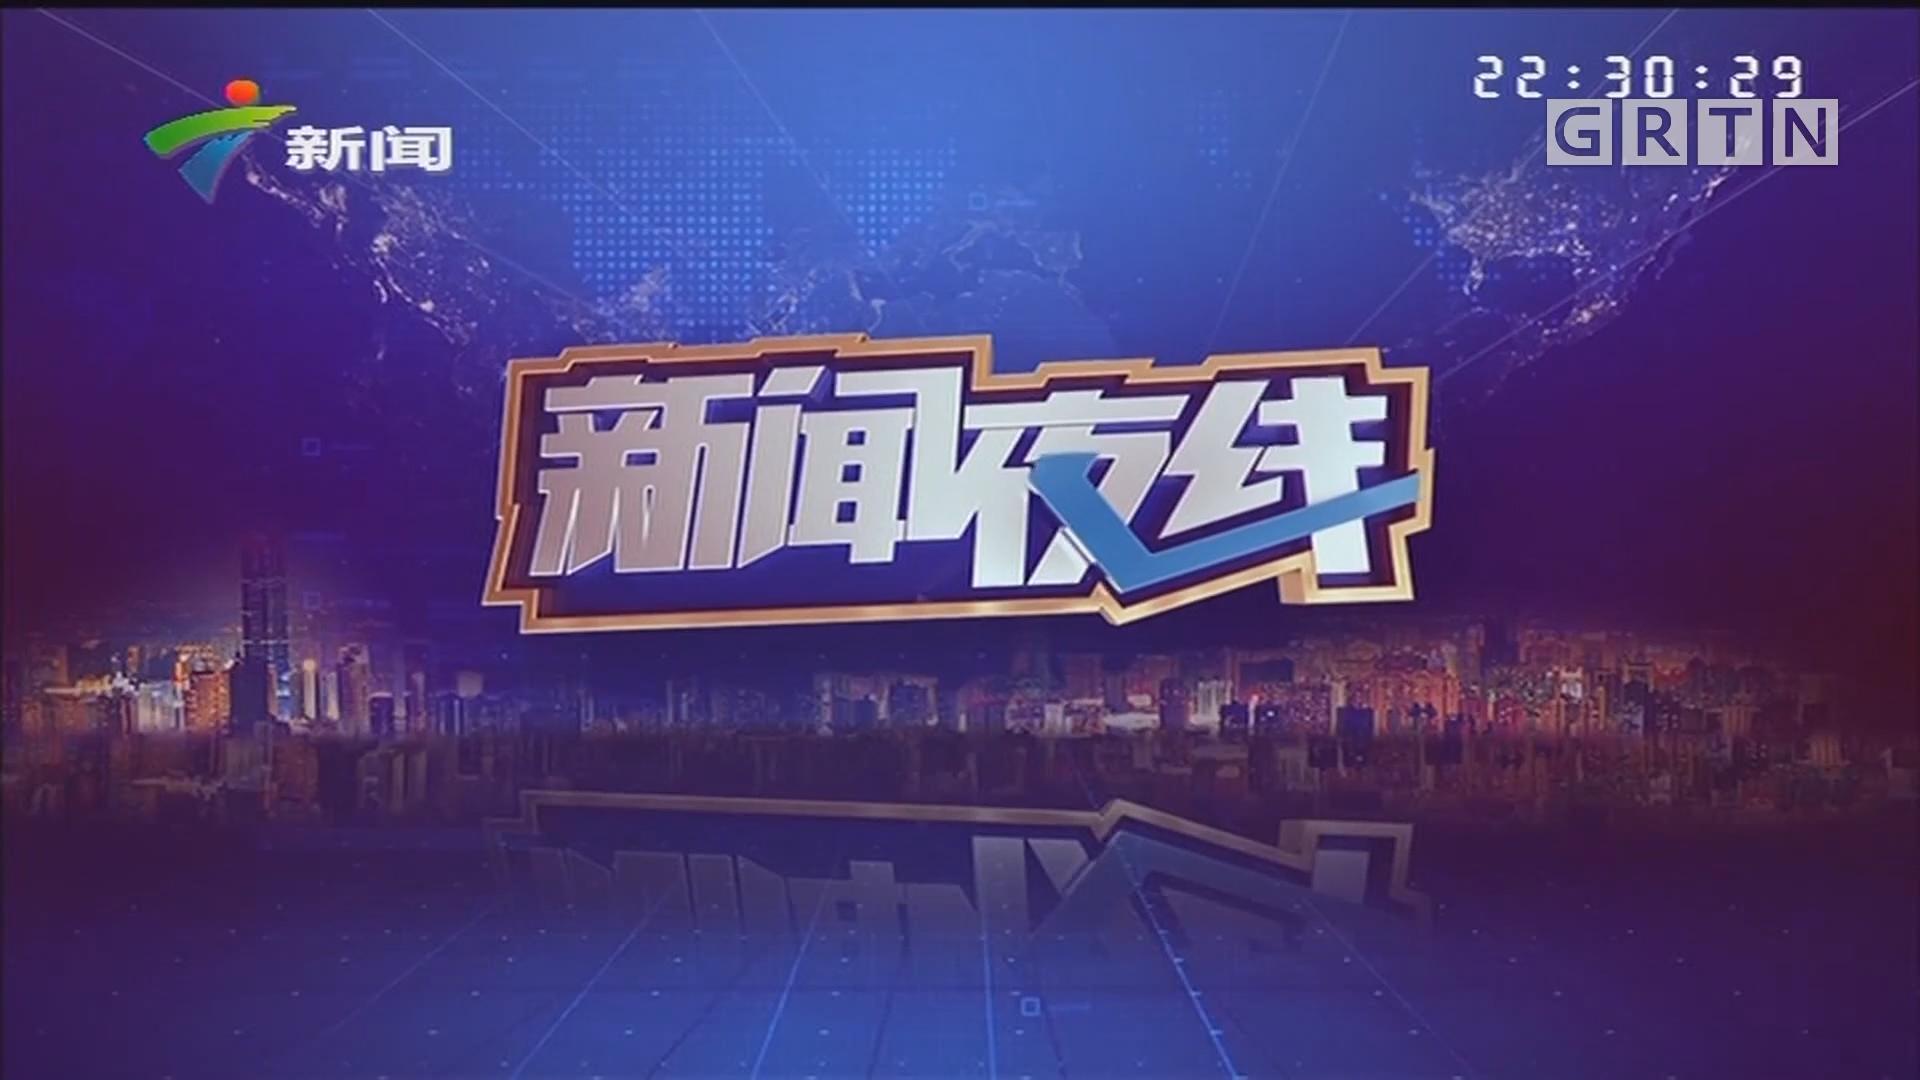 [HD][2019-07-08]新闻夜线:深圳体育馆坍塌最新通报:事件造成3人?#21171;?人受伤